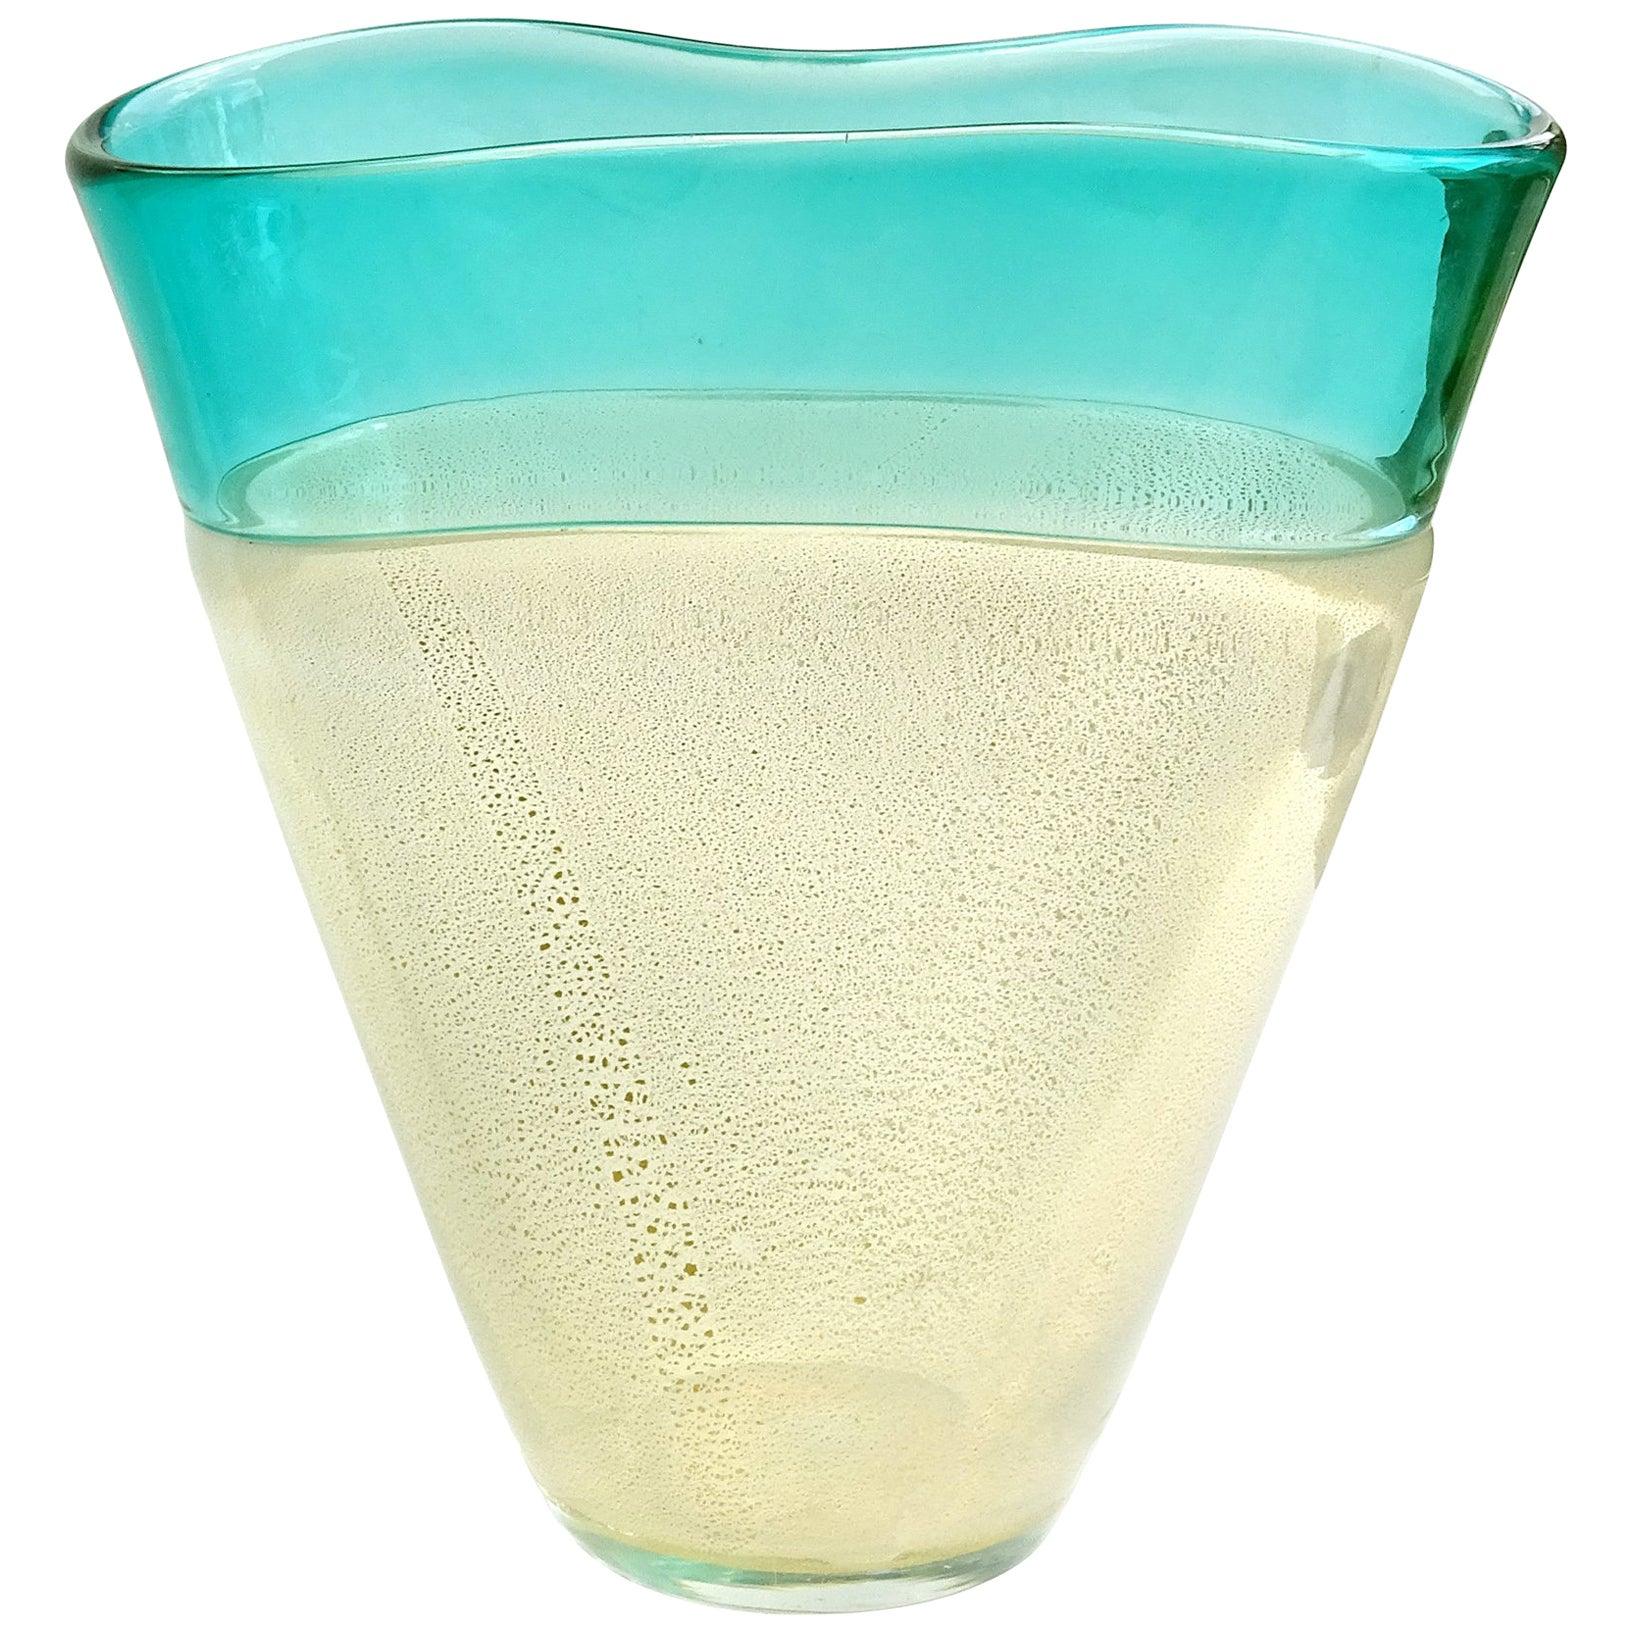 Seguso Murano Green Rim Opalescent Gold Flecks Italian Art Glass Flower Vase